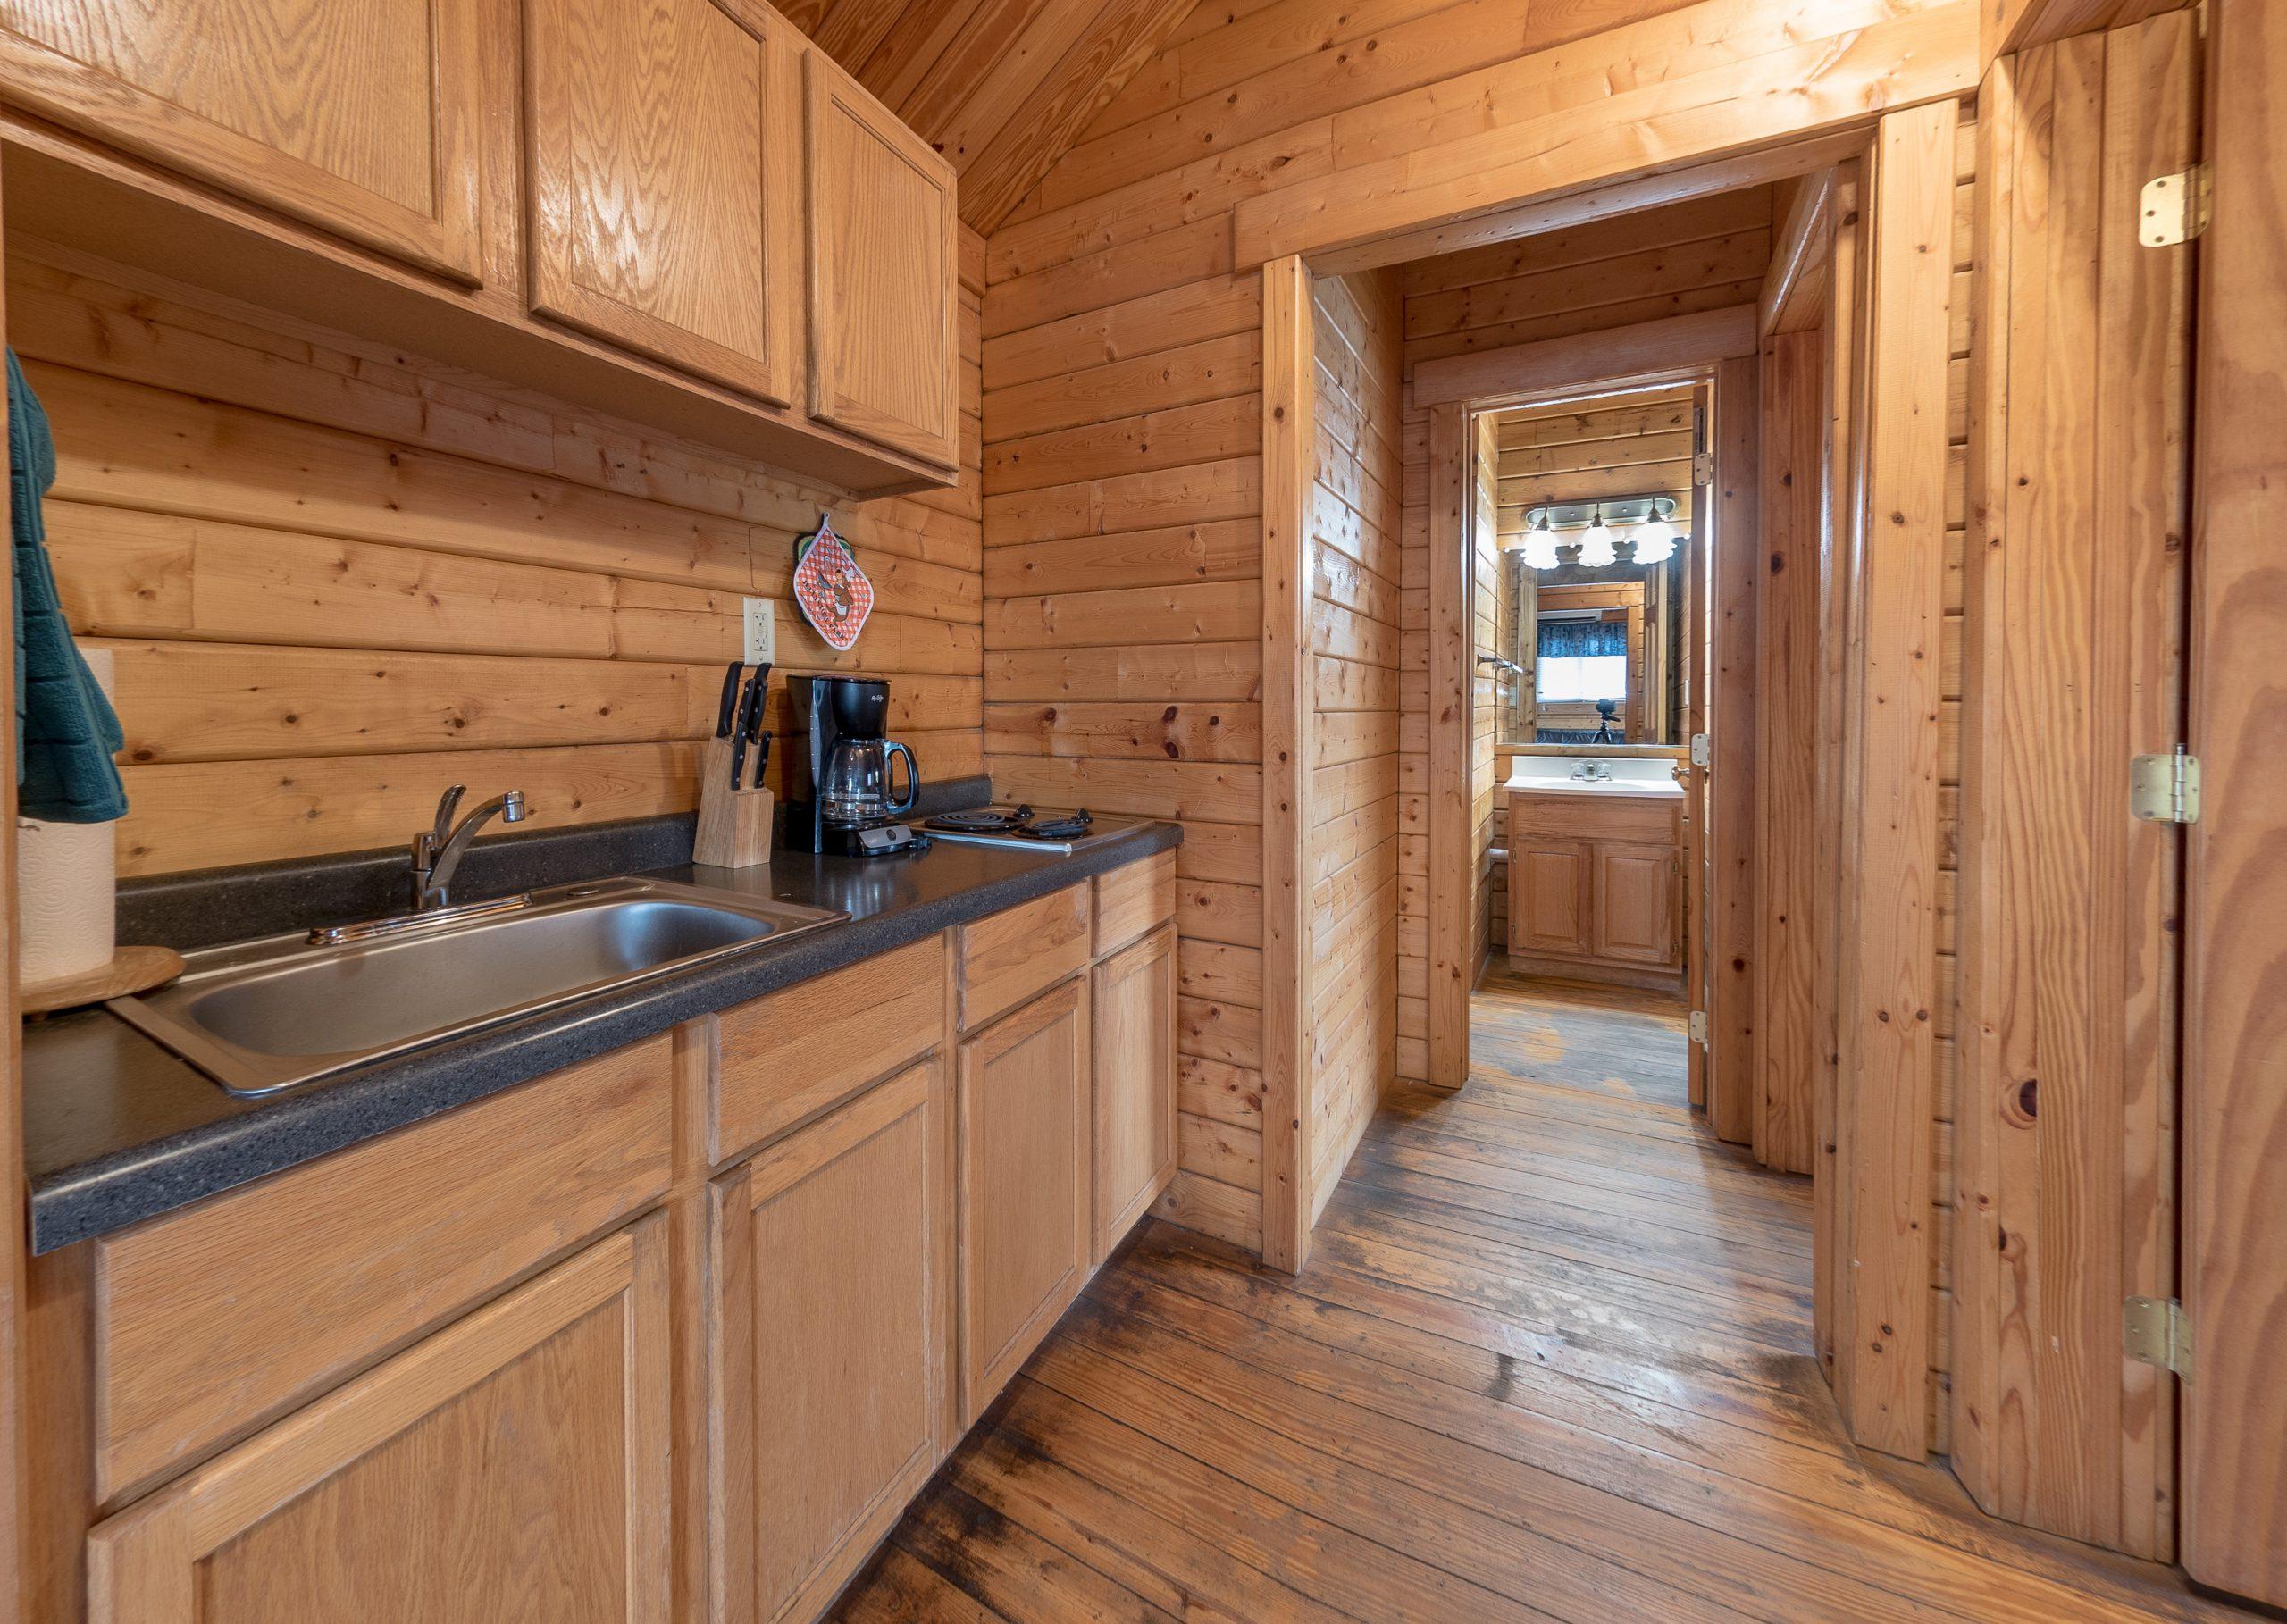 Cottage kitchenette, sink, coffee maker and two burner range